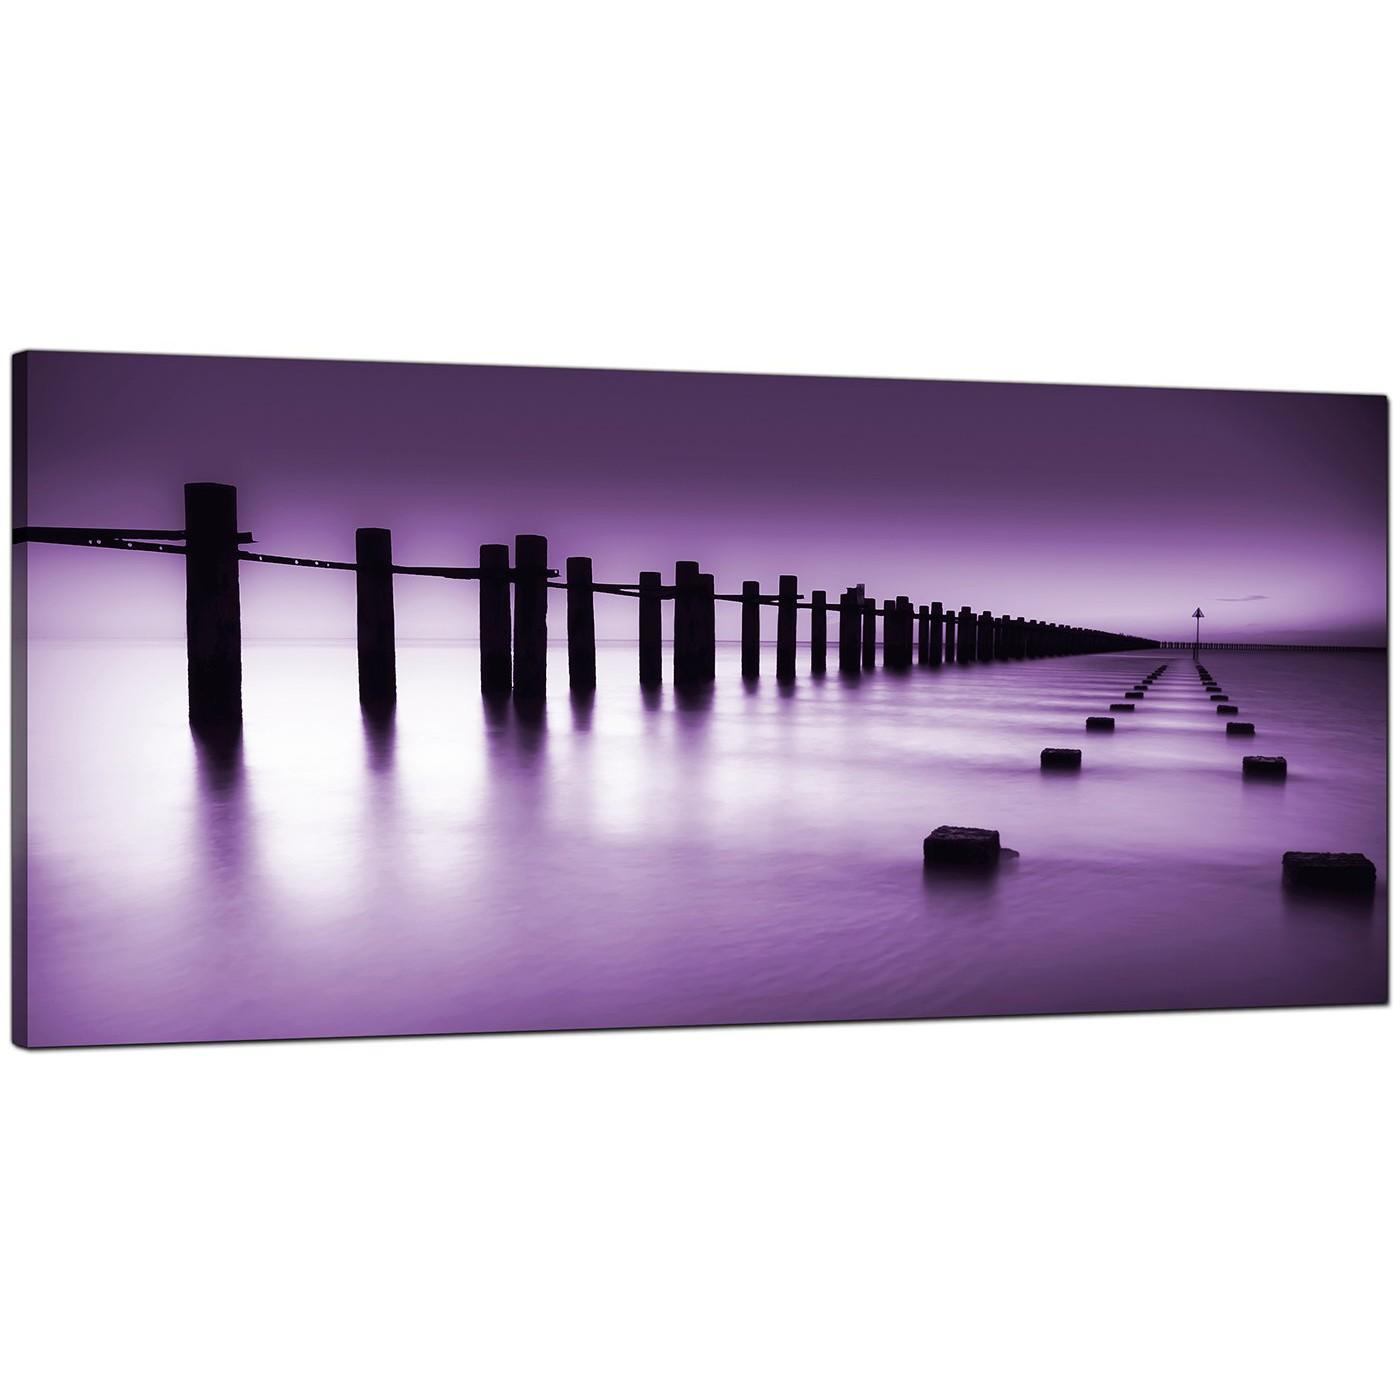 Display Gallery Item 4; Purple Living Room Wide Canvas Of Landscape Display  Gallery Item 5